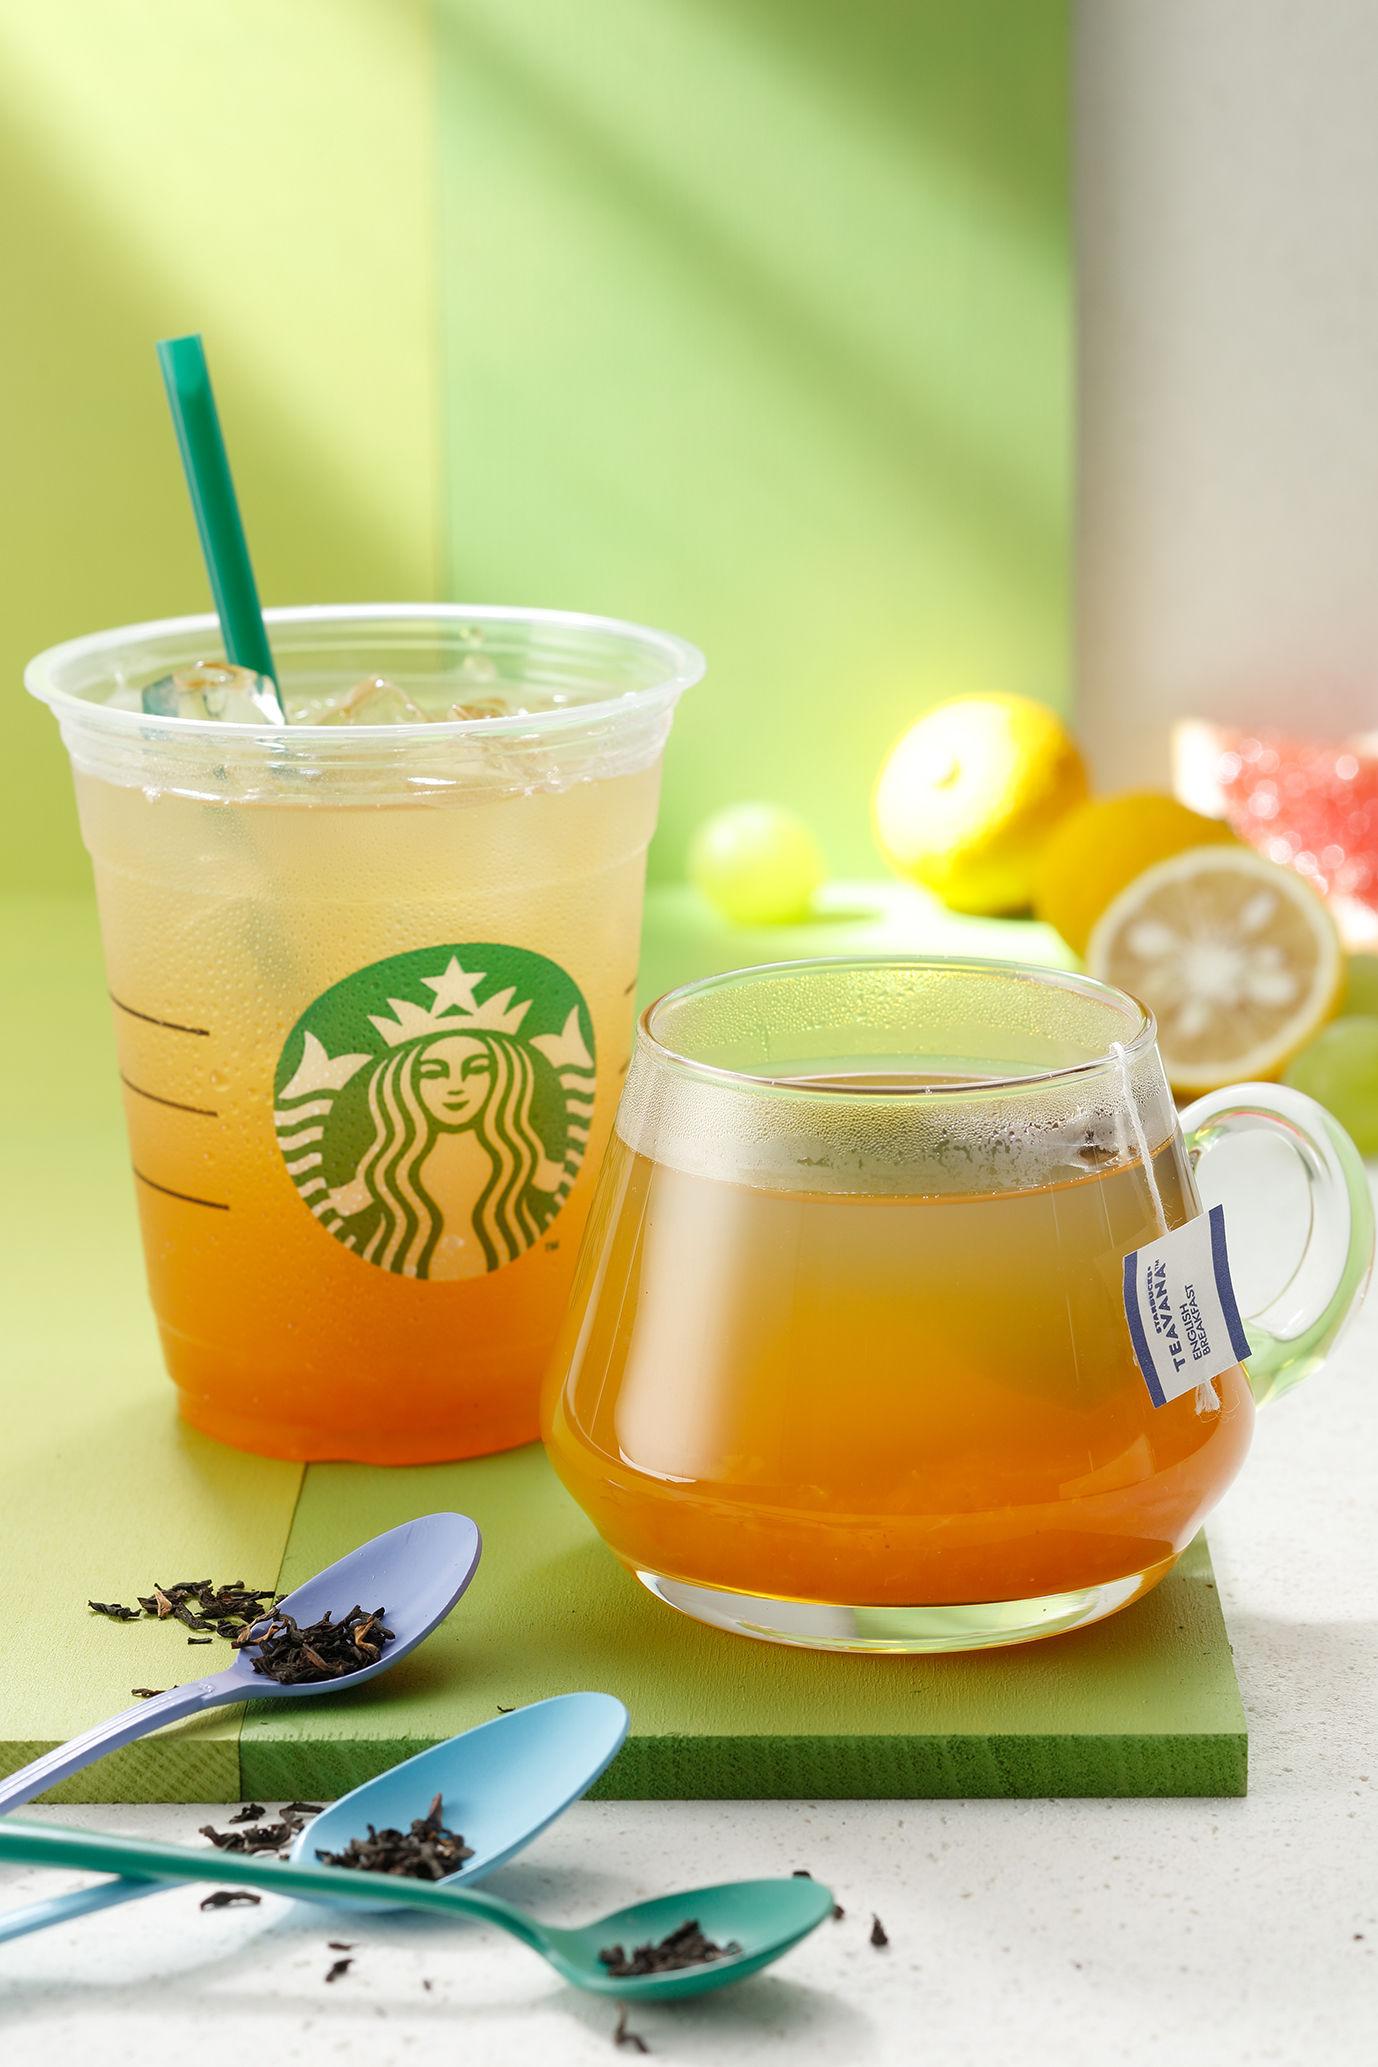 こころ踊る、紅茶の楽園。『STARBUCKS TEAVANA(スターバックス・ティバーナ)』へようこそ!